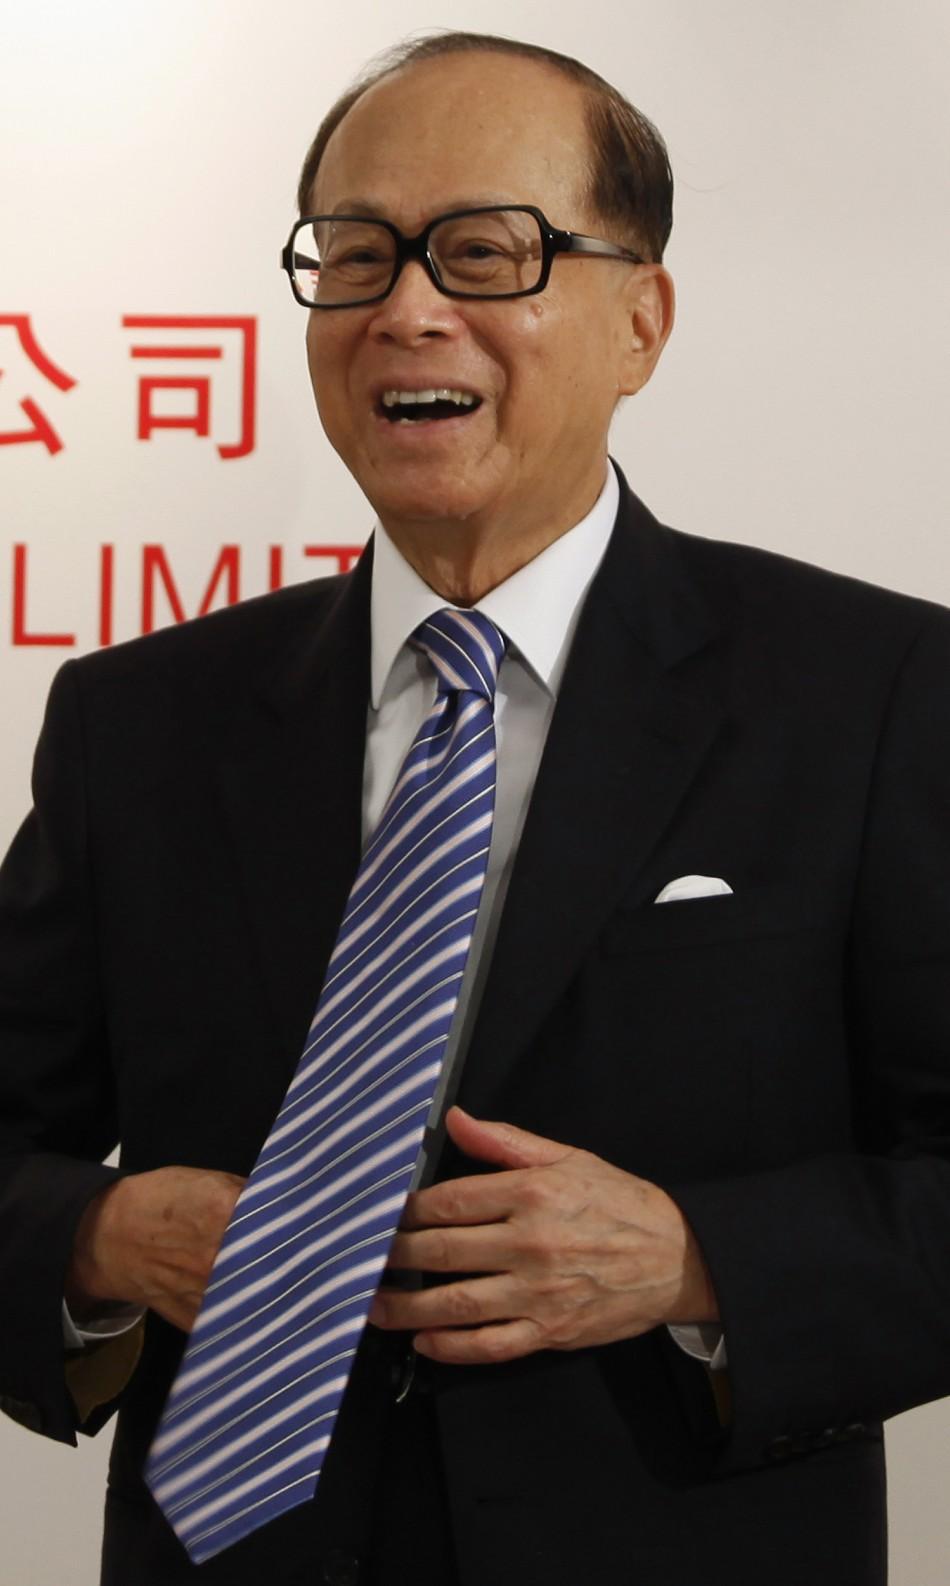 9. Li Ka-shing- Hong Kong